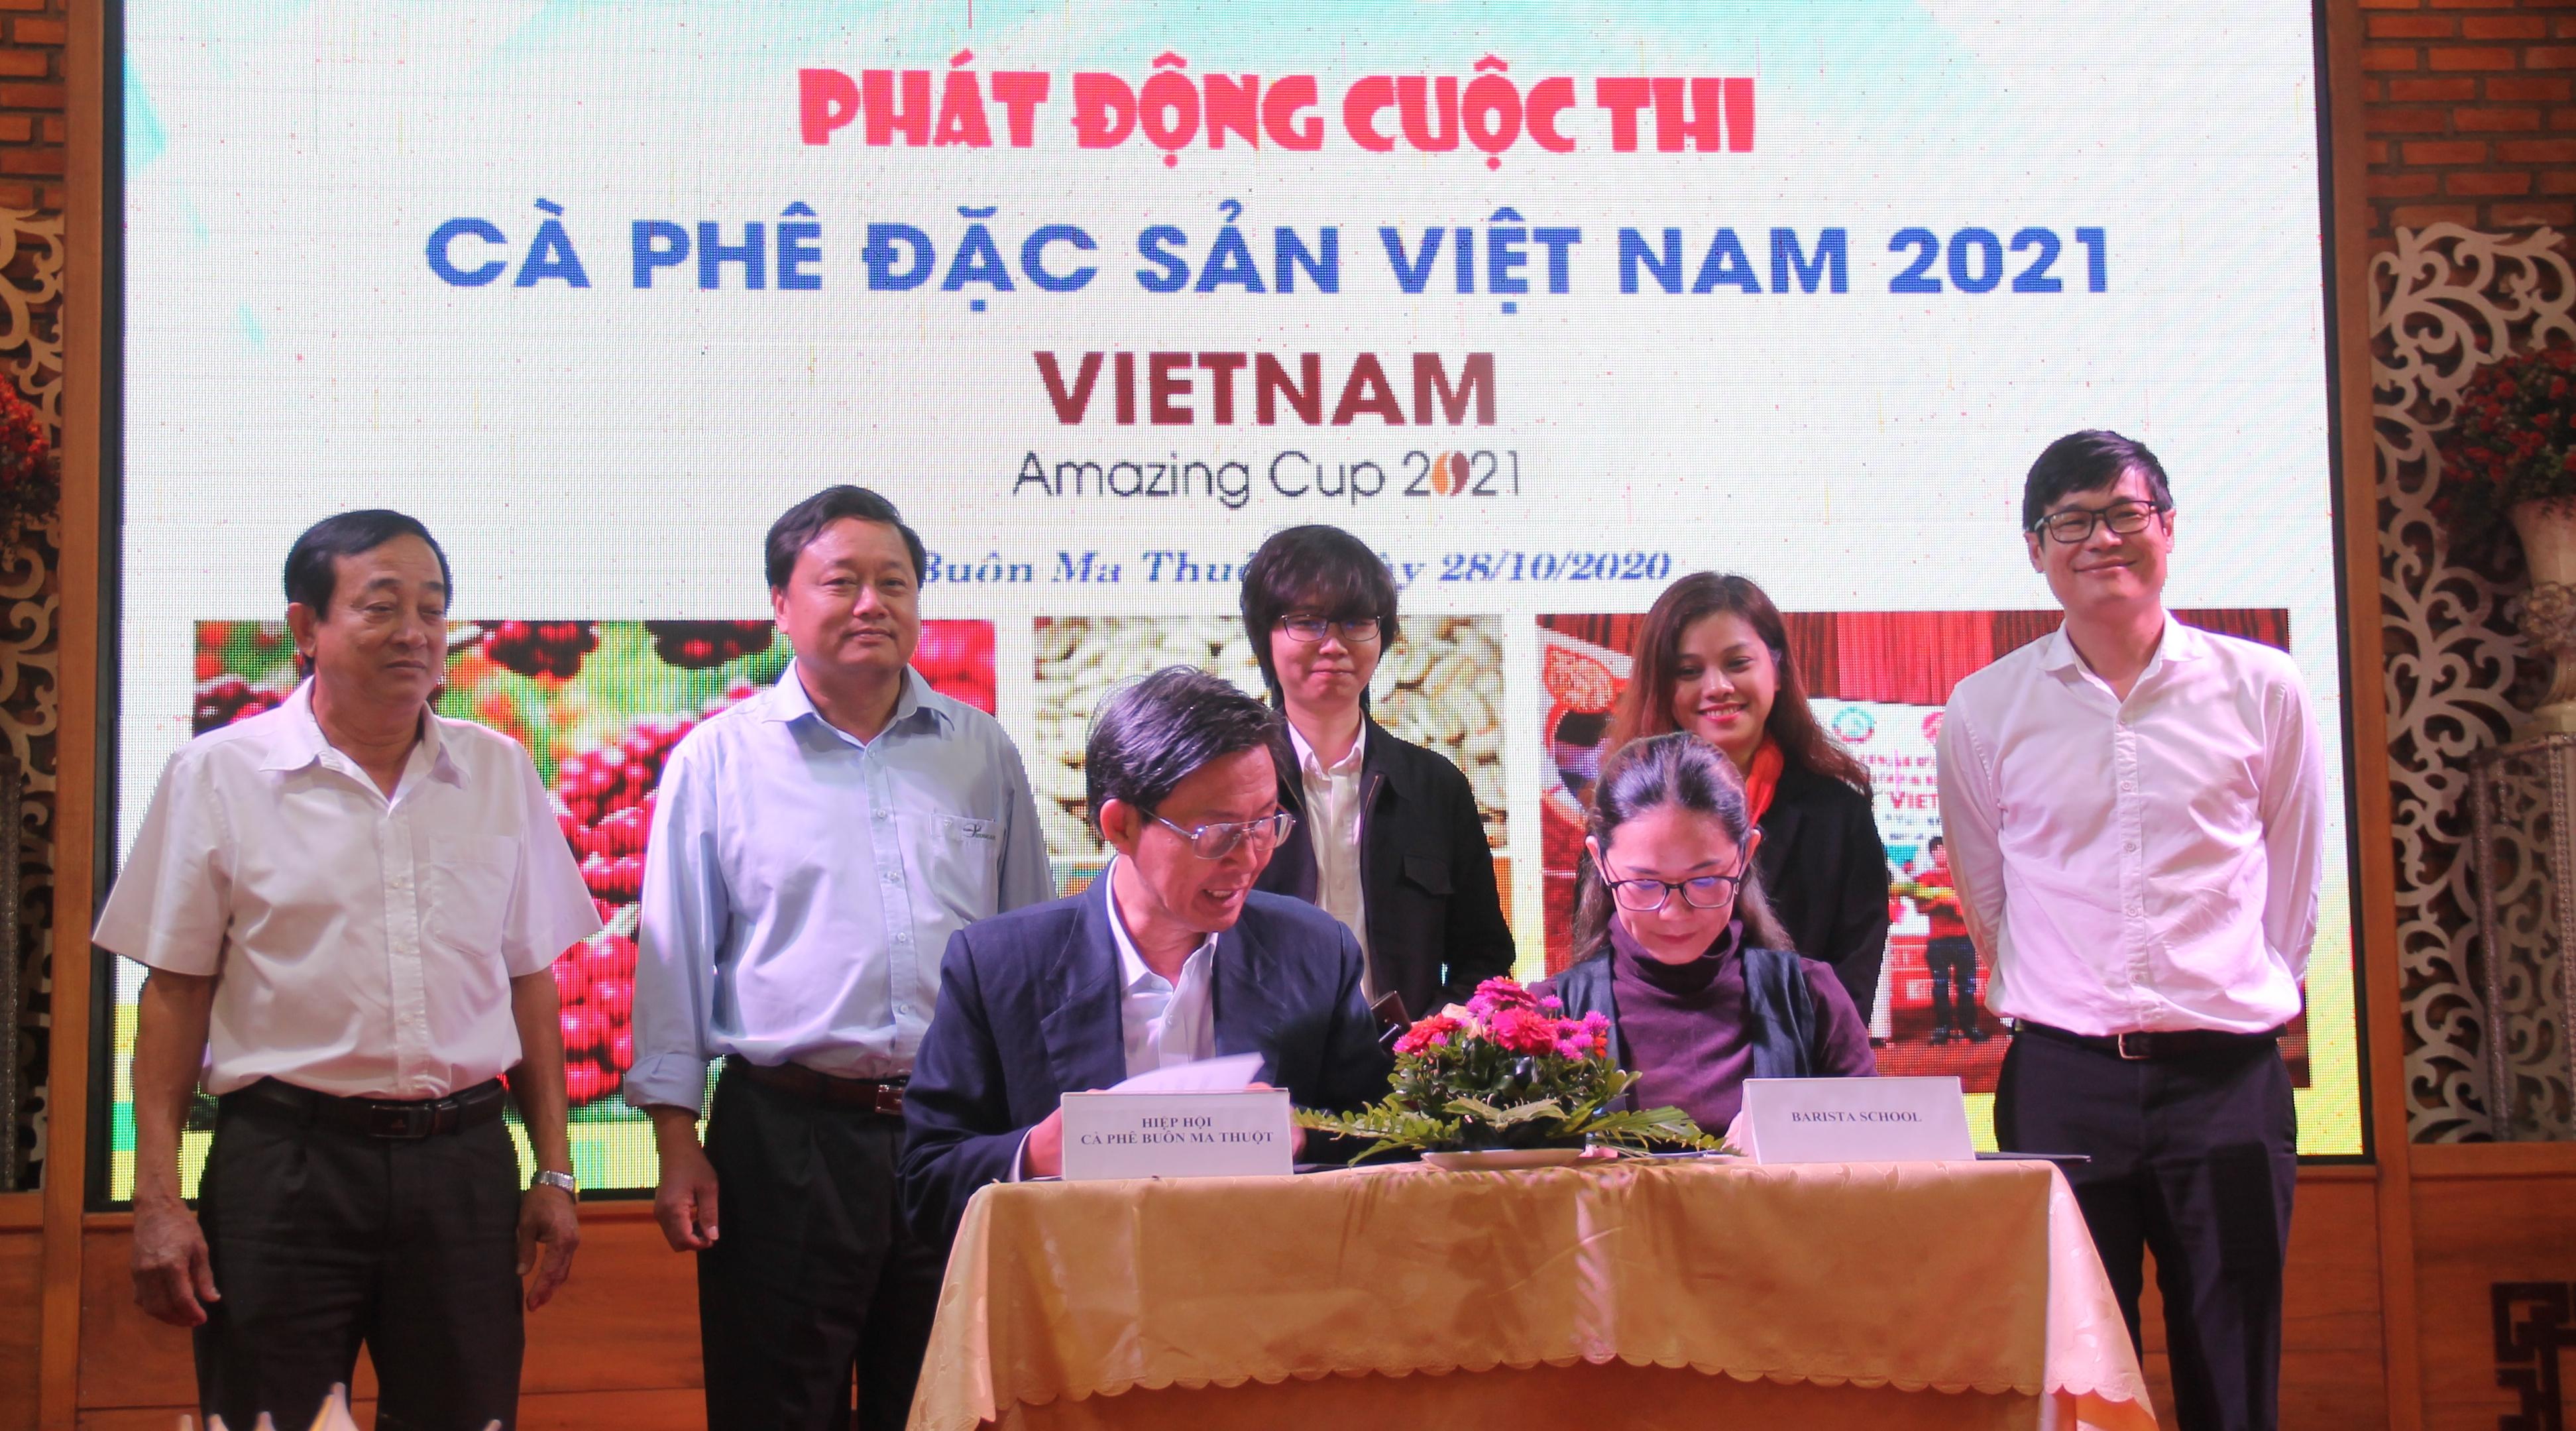 Phát động cuộc thi Cà phê đặc sản Việt Nam năm 2021